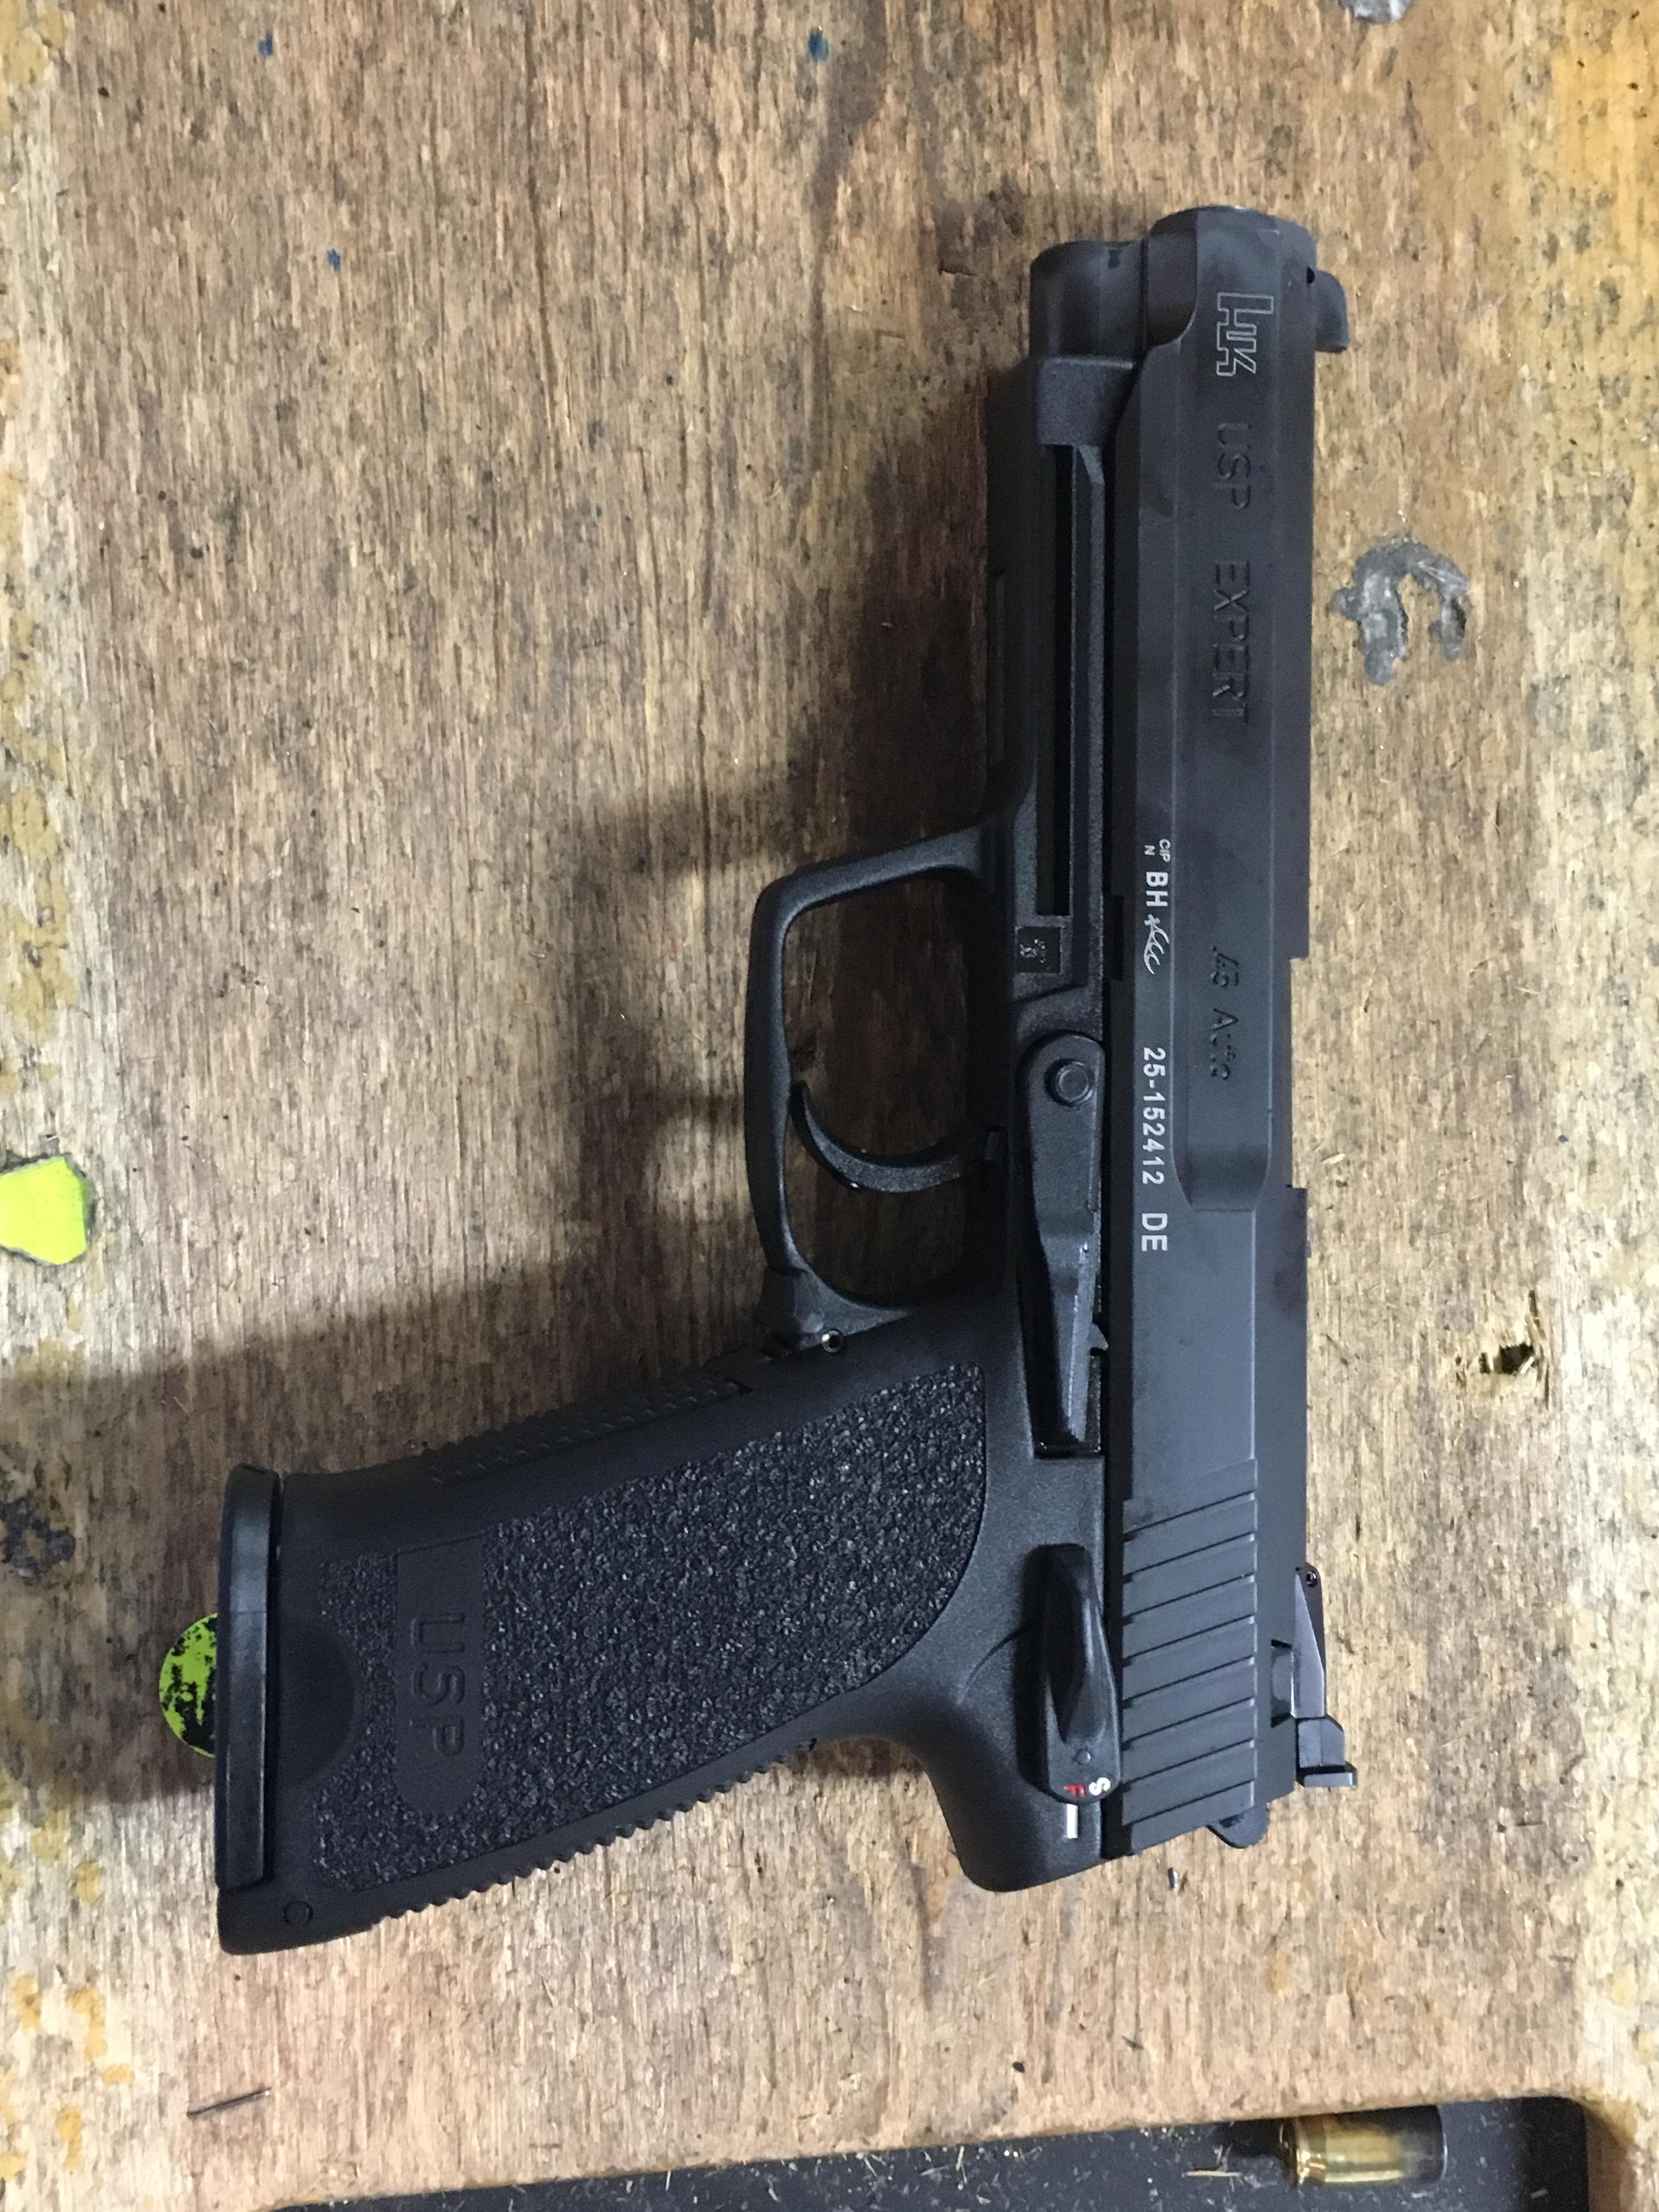 Considering buying my first HK... Expert or MK23?-80ffaff2-cff0-434f-8e73-e2a638589dd8_1533993823867.jpeg